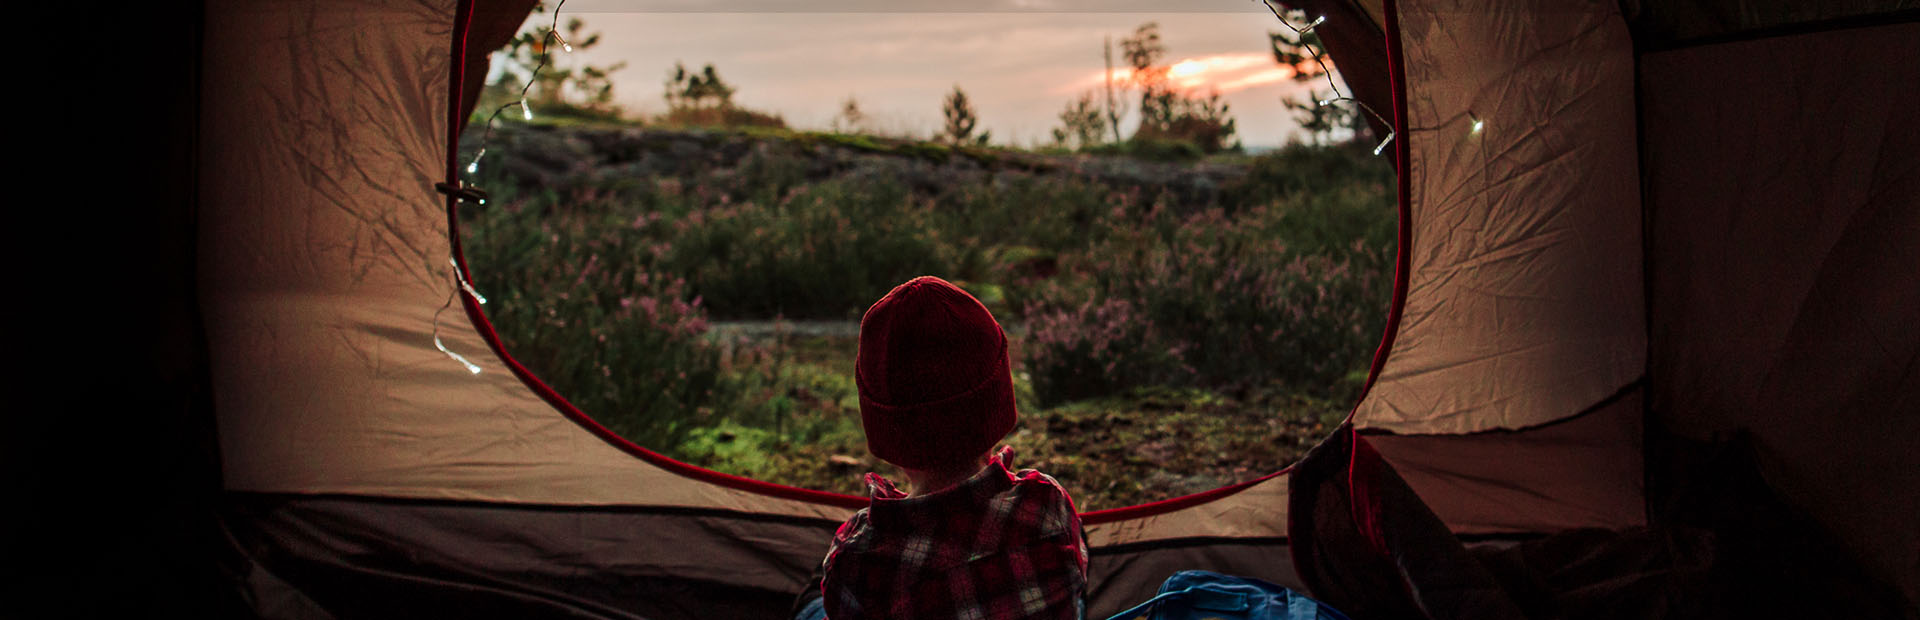 lapsi istuu teltassa katselee metsän takana laskeutuvaa aurinkoa